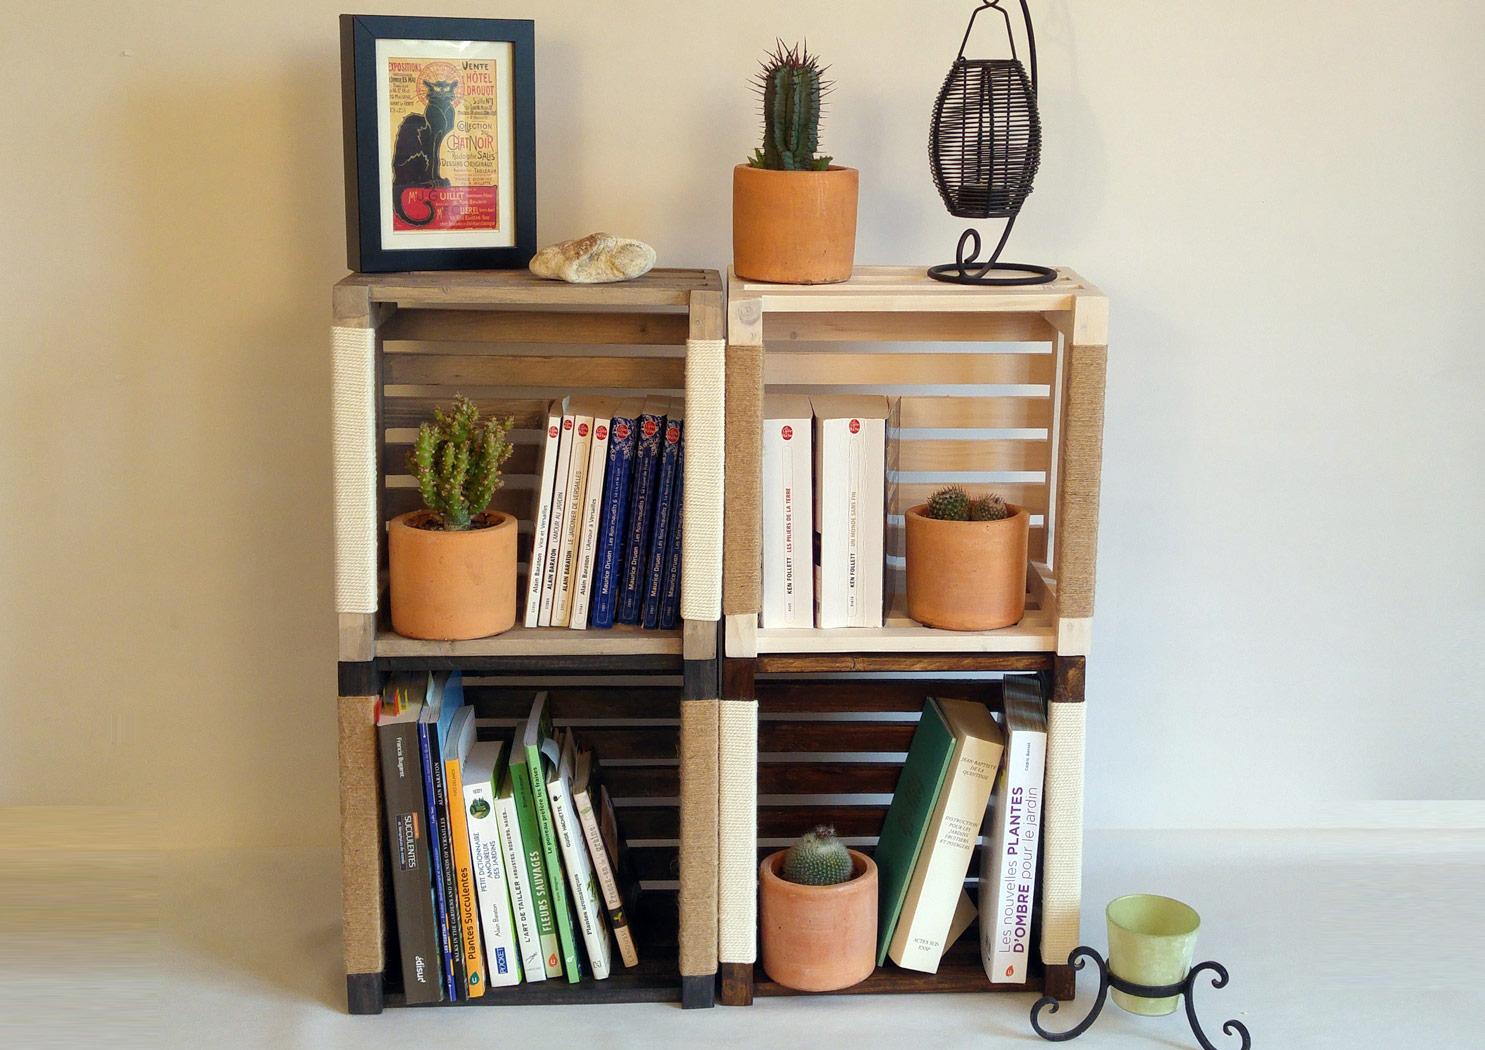 Caisse de rangement bibliothèque en bois | Made in France, écologique | Par Tito. M